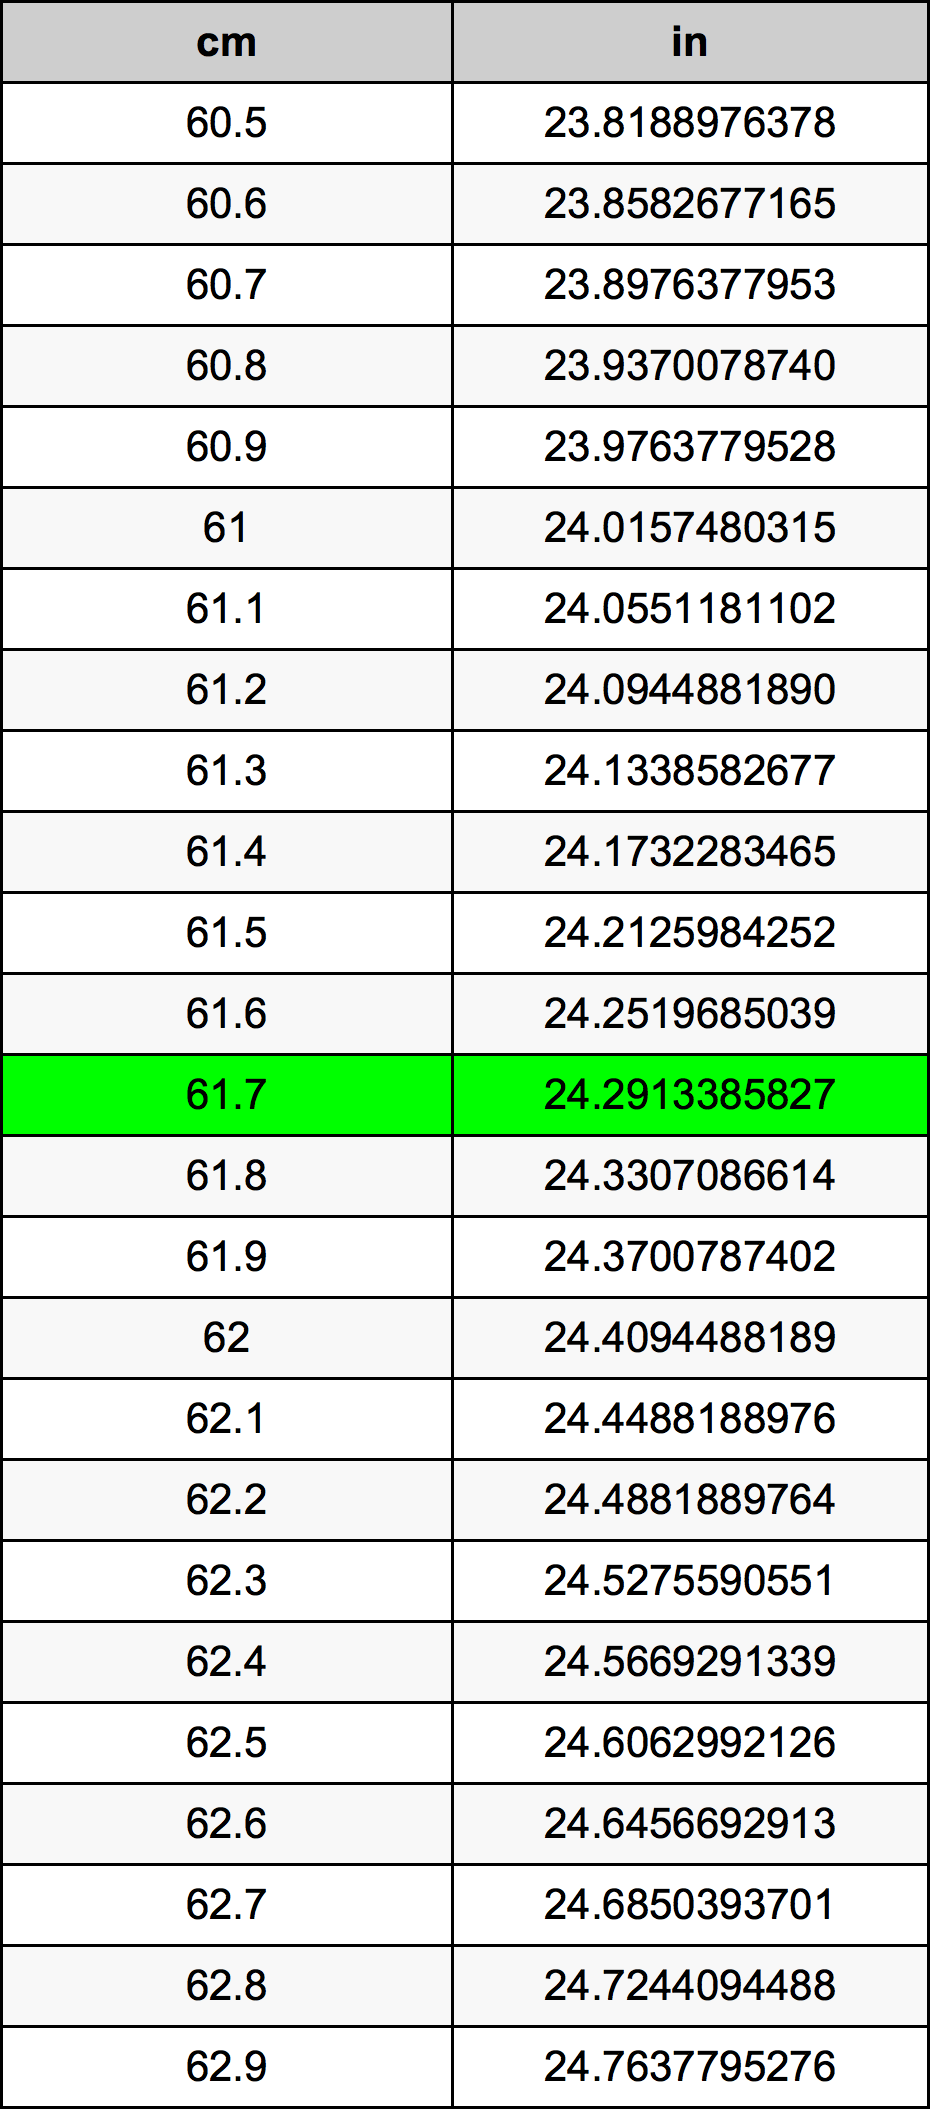 61.7 Zentimeter Umrechnungstabelle